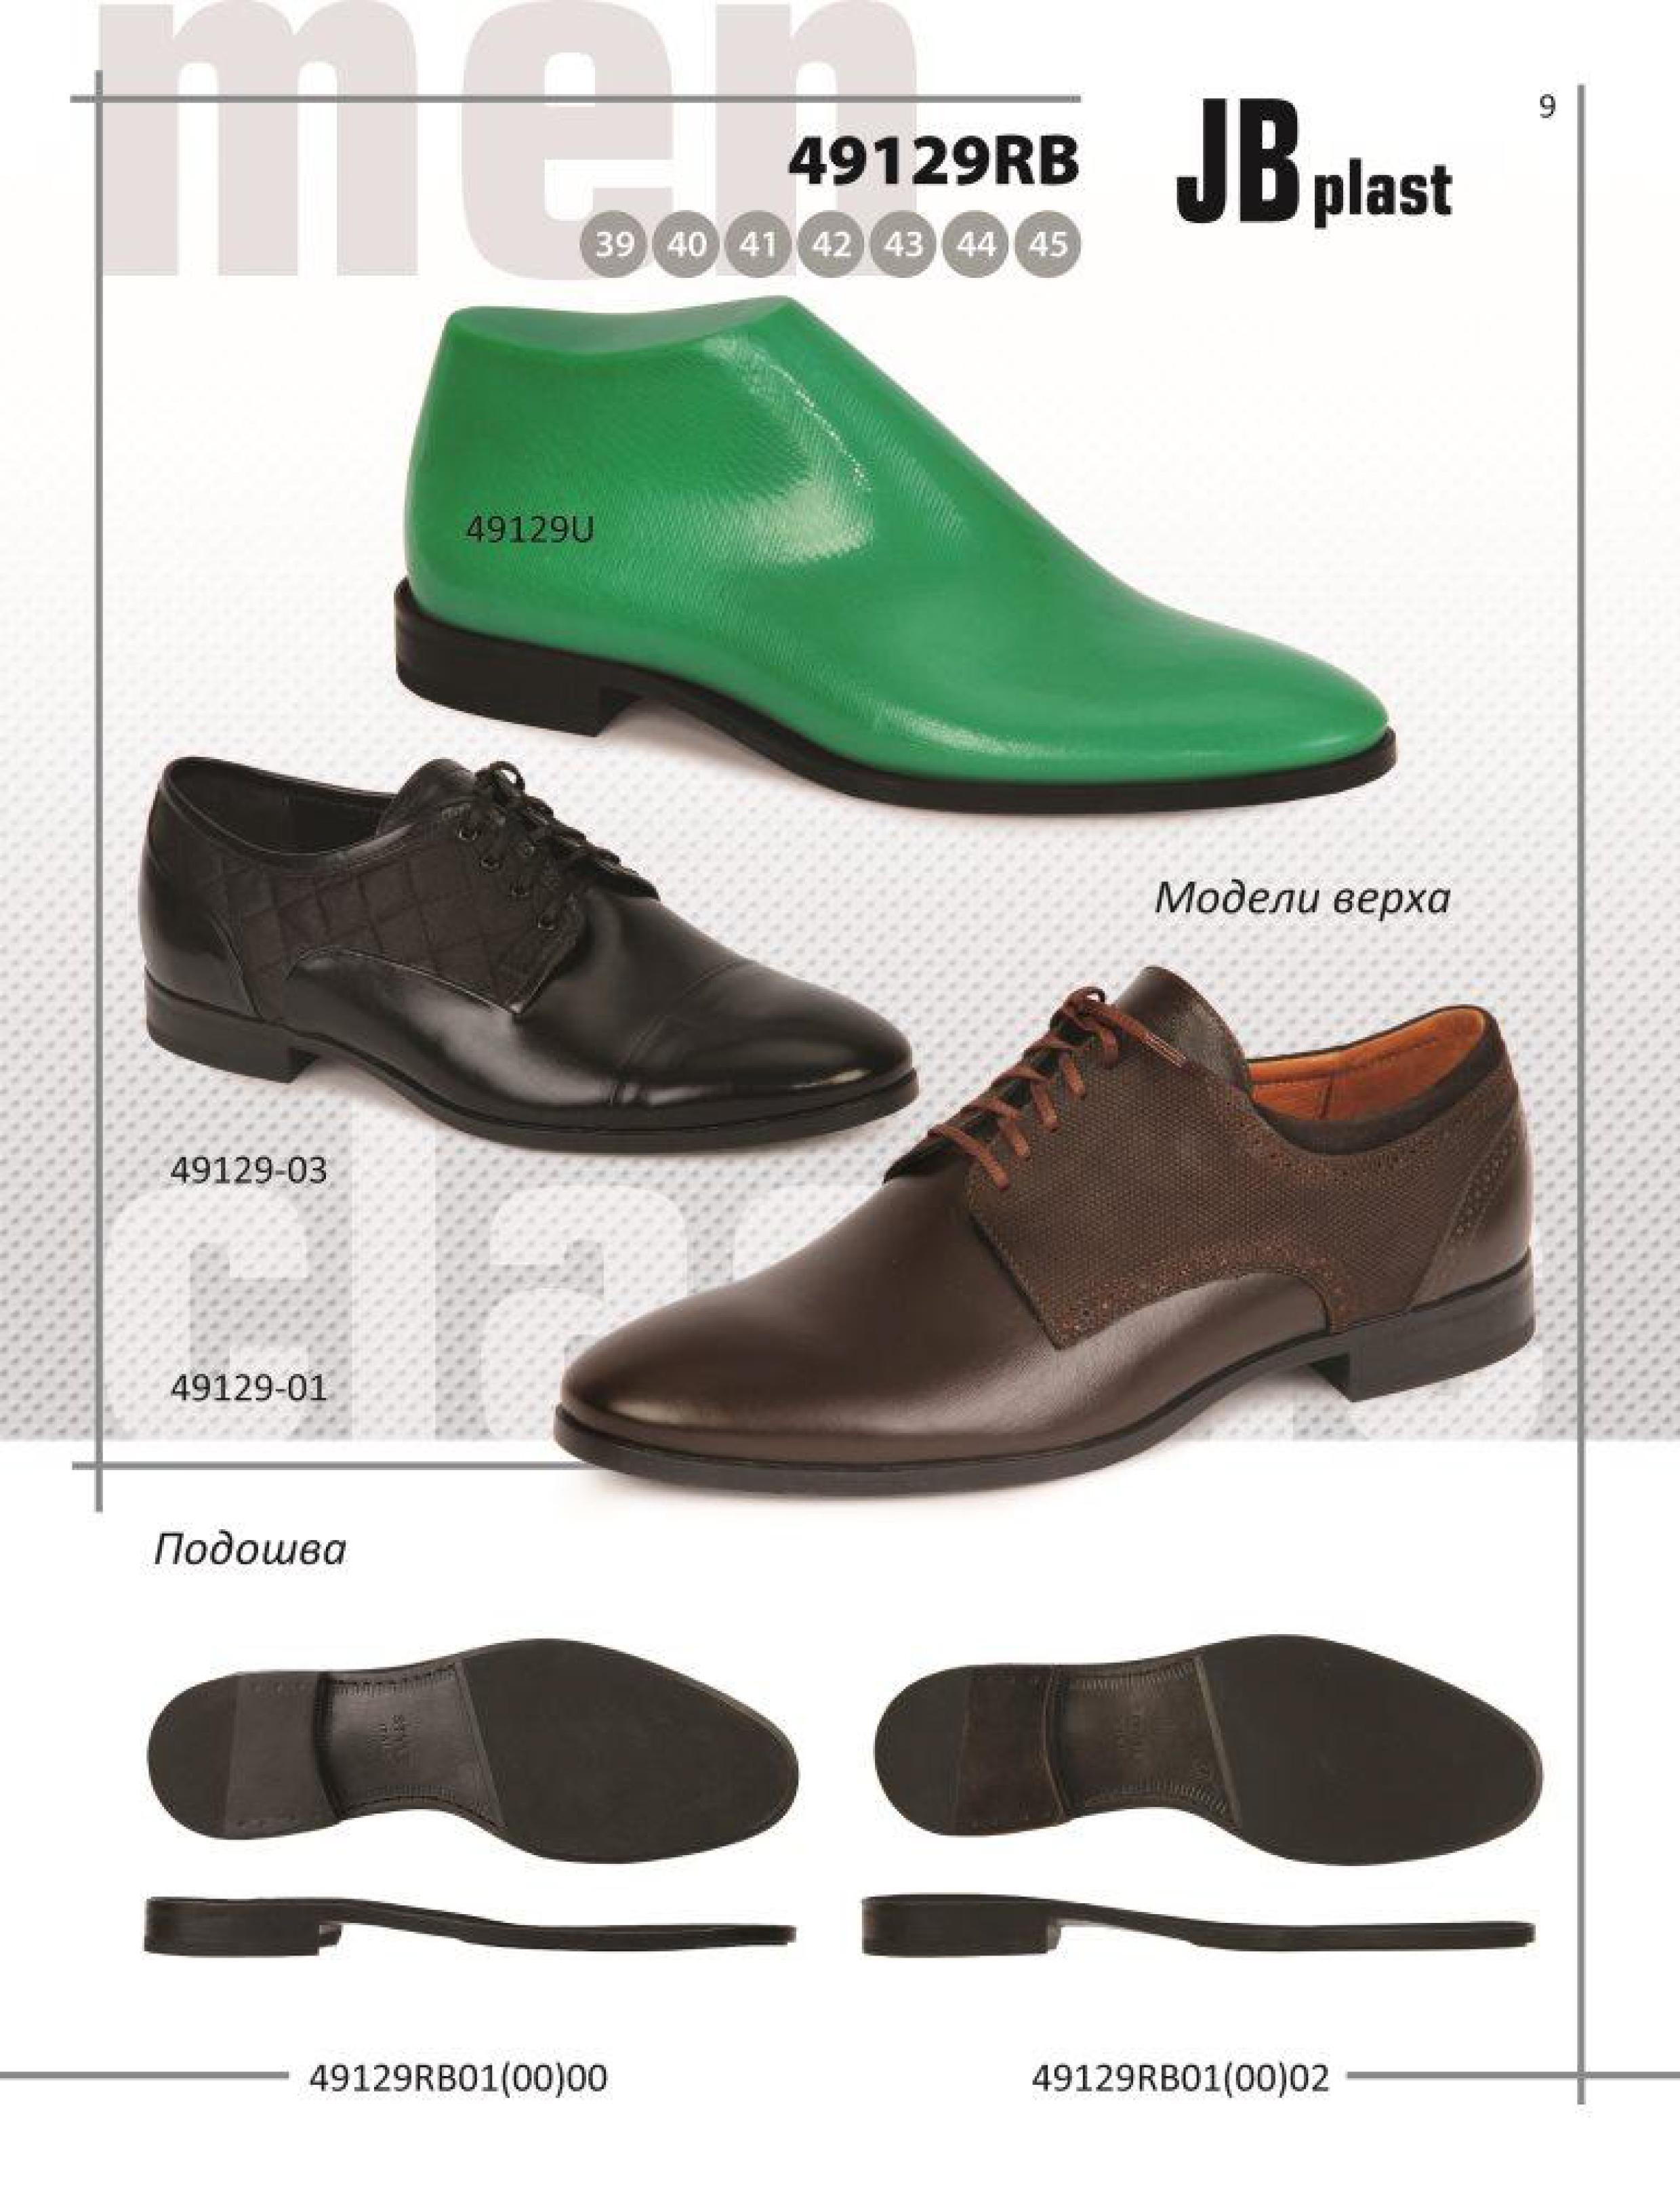 материалы для производства обуви